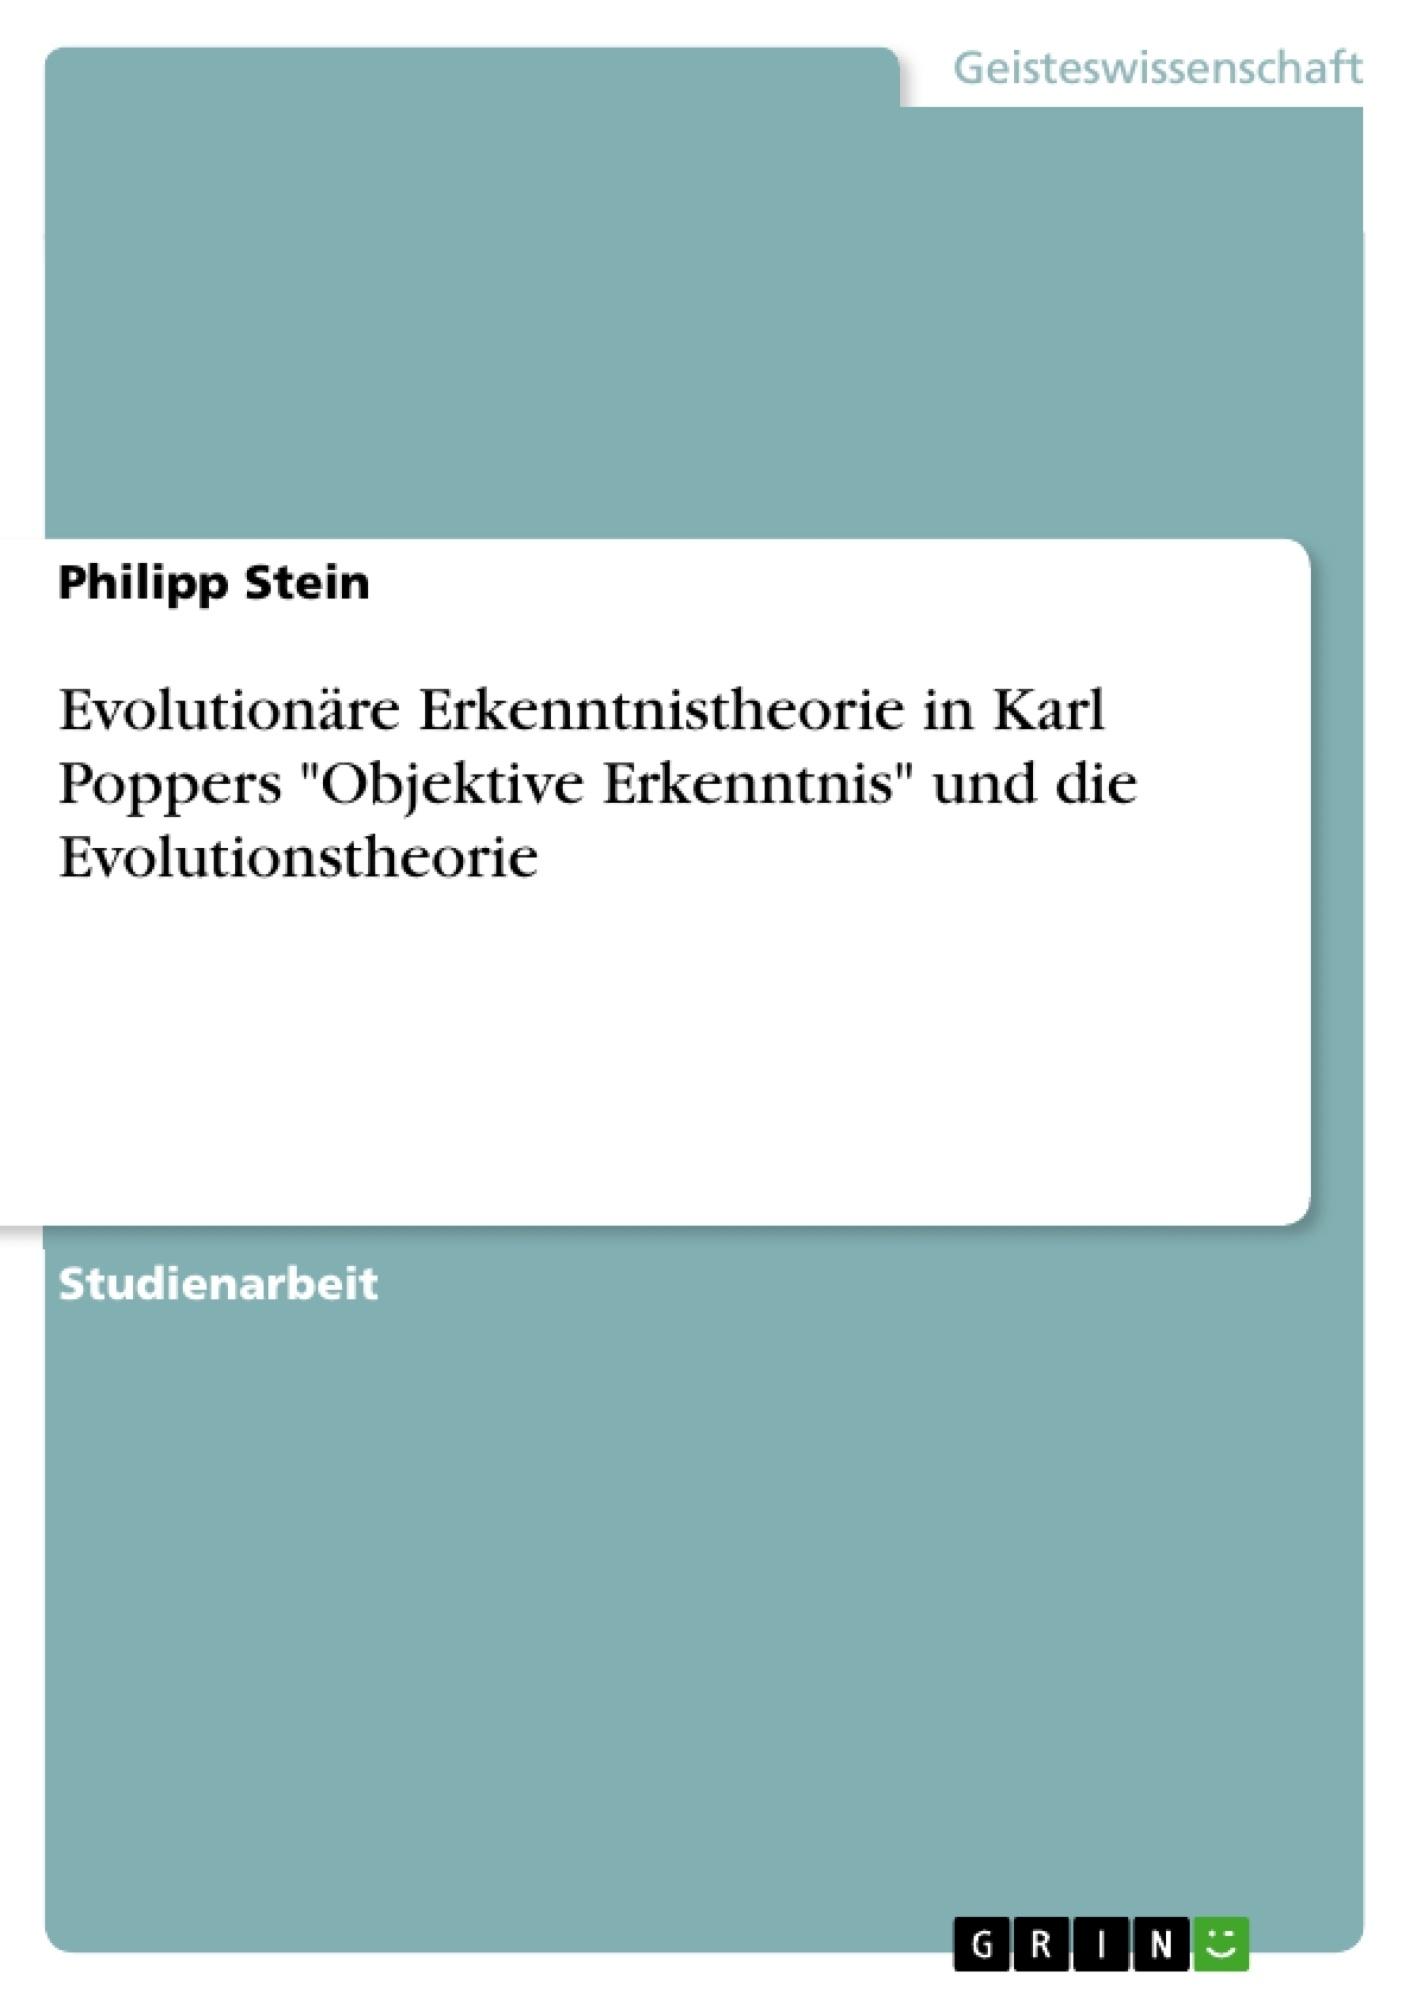 """Titel: Evolutionäre Erkenntnistheorie in Karl Poppers """"Objektive Erkenntnis"""" und die Evolutionstheorie"""